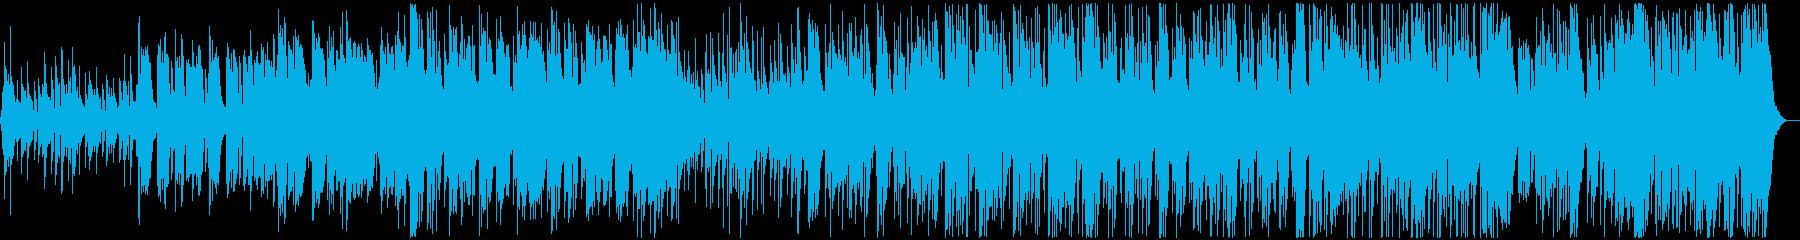 透明感のある切ない曲。アコーステック系。の再生済みの波形